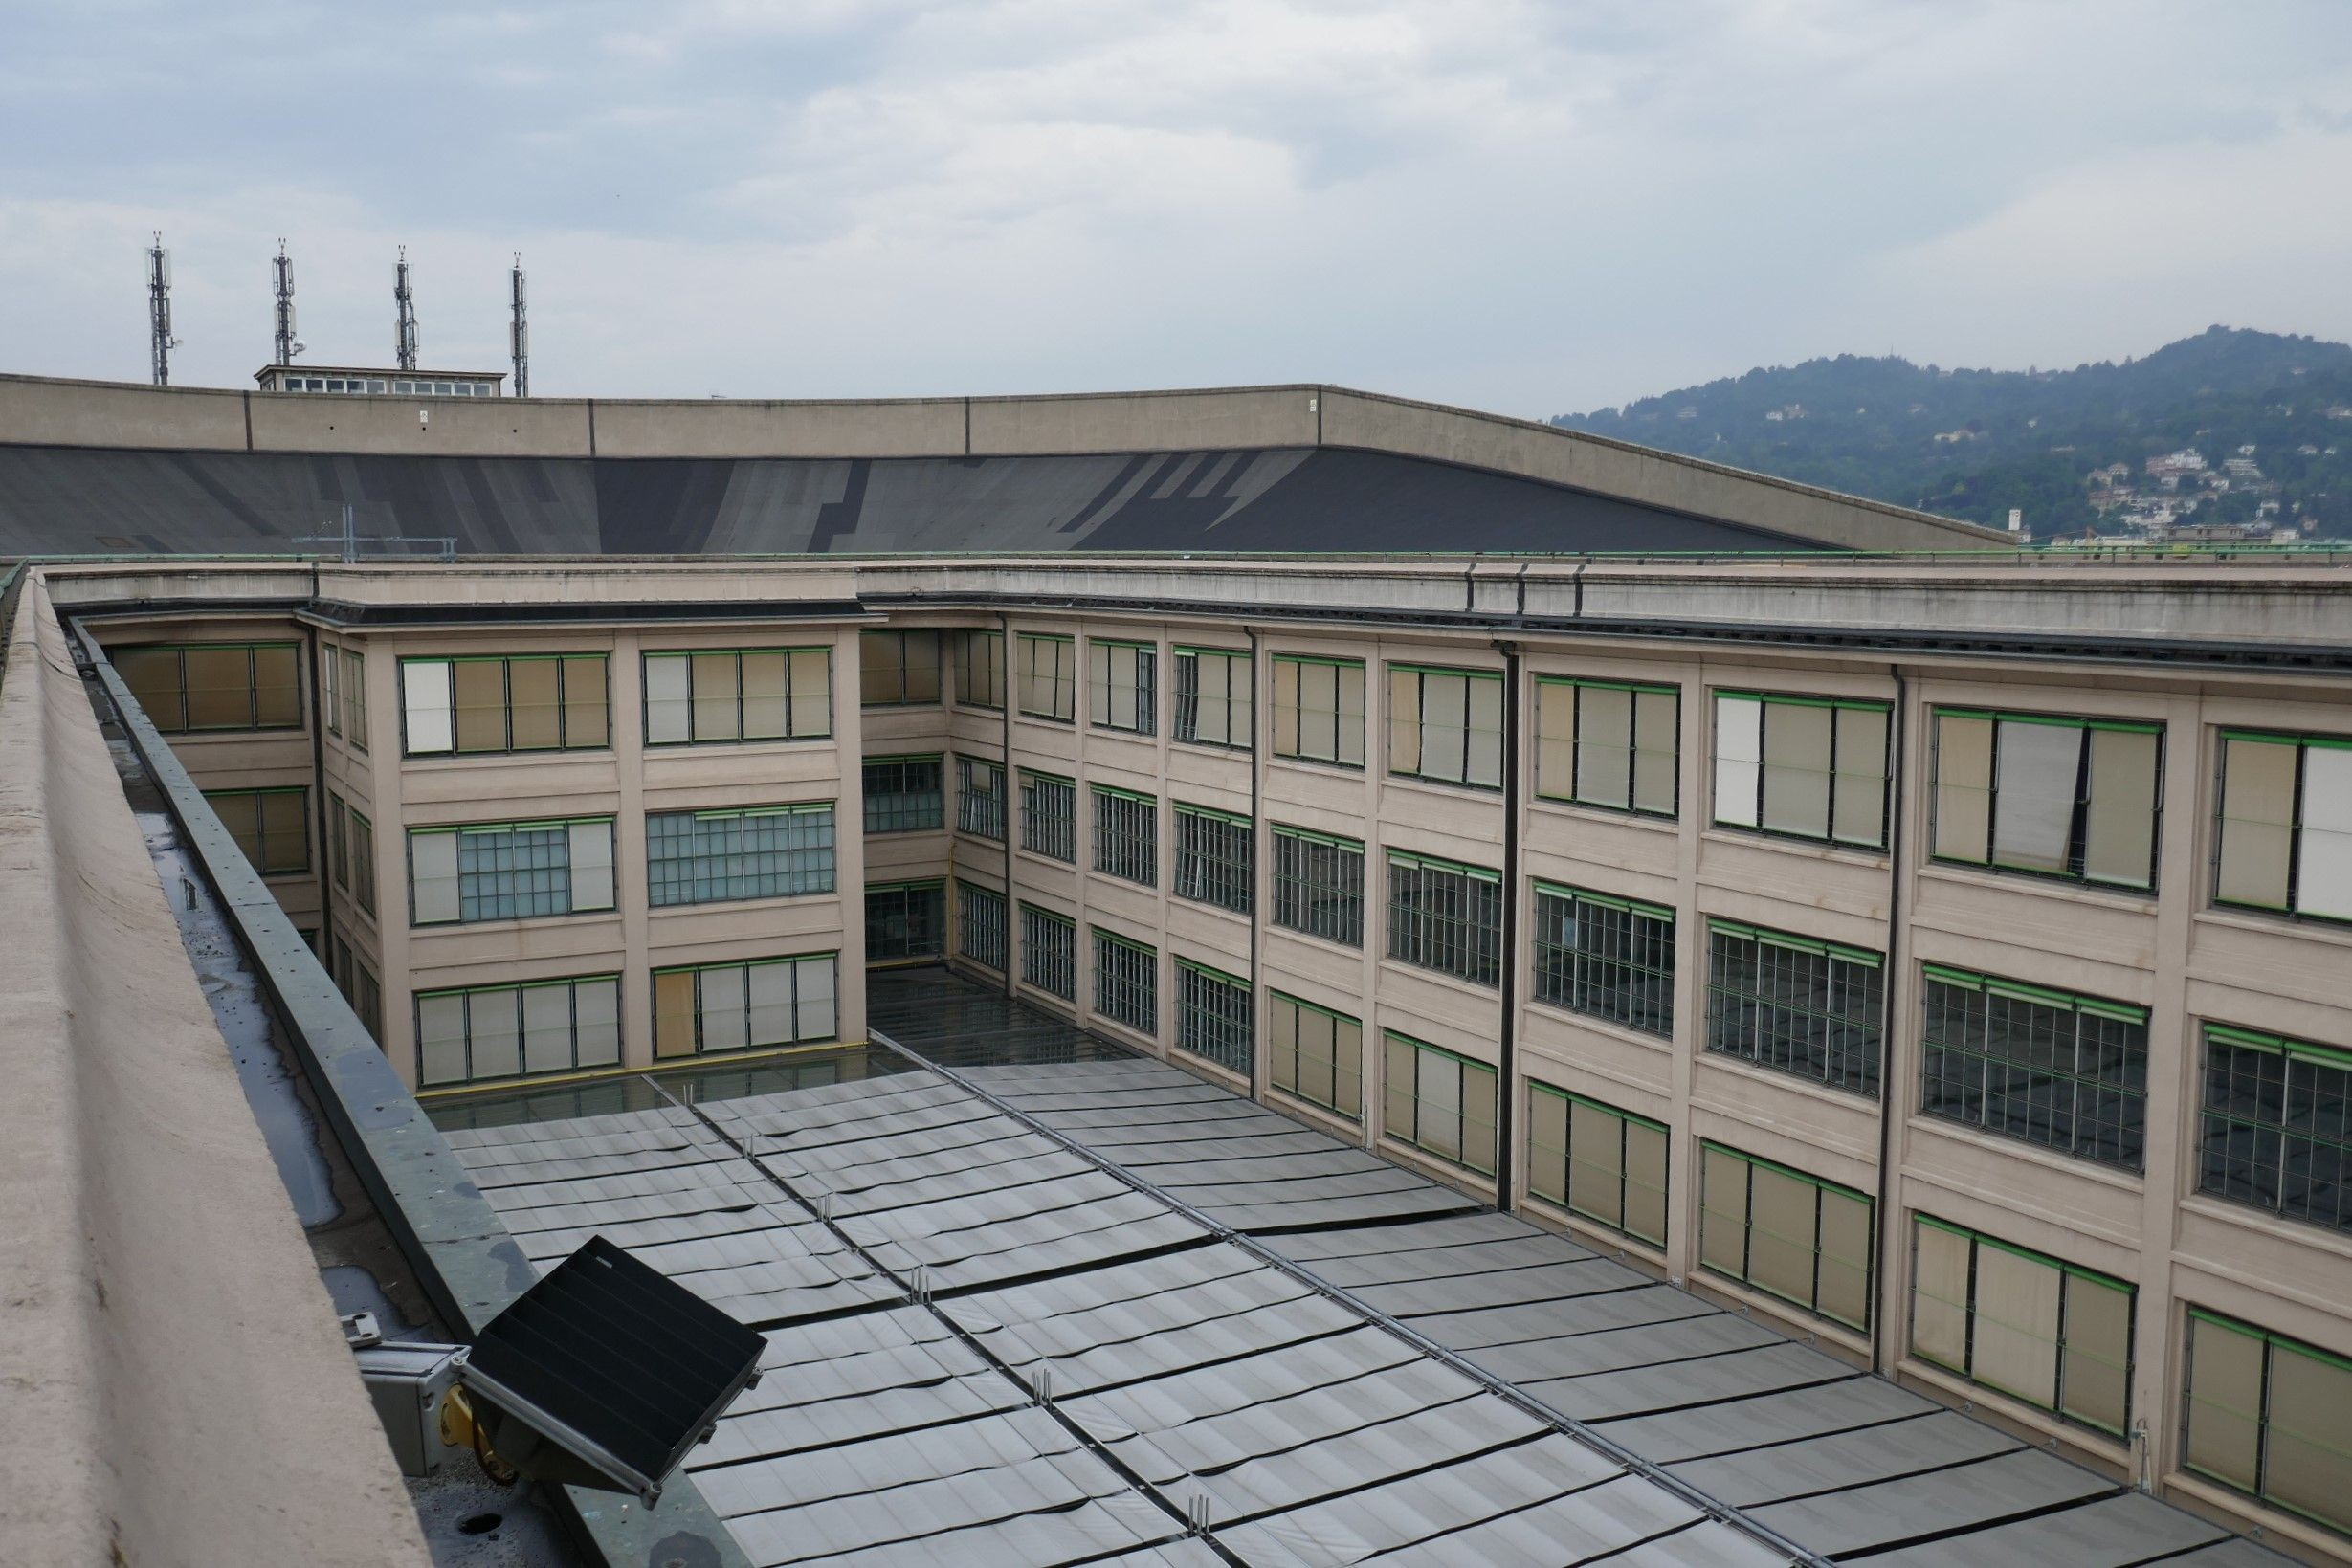 Auf dem Dach des «Lingotto», direkt über den Fertigungshallen, wurden die hergestellten Fahrzeuge Stück für Stück bei Höchstgeschwindigkeit getestet.